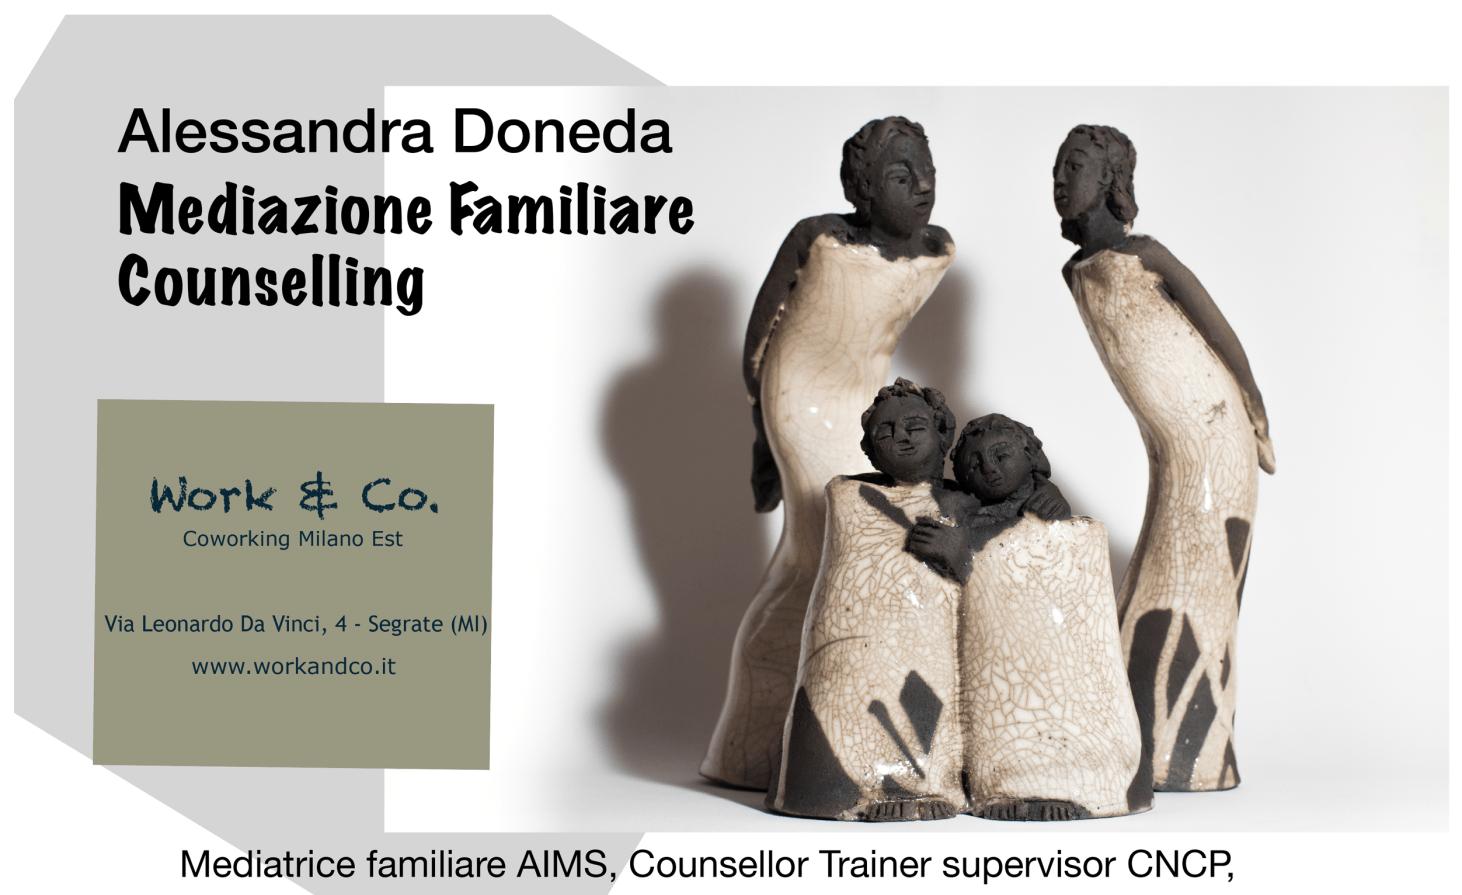 Mediazione Familiare e Counselling